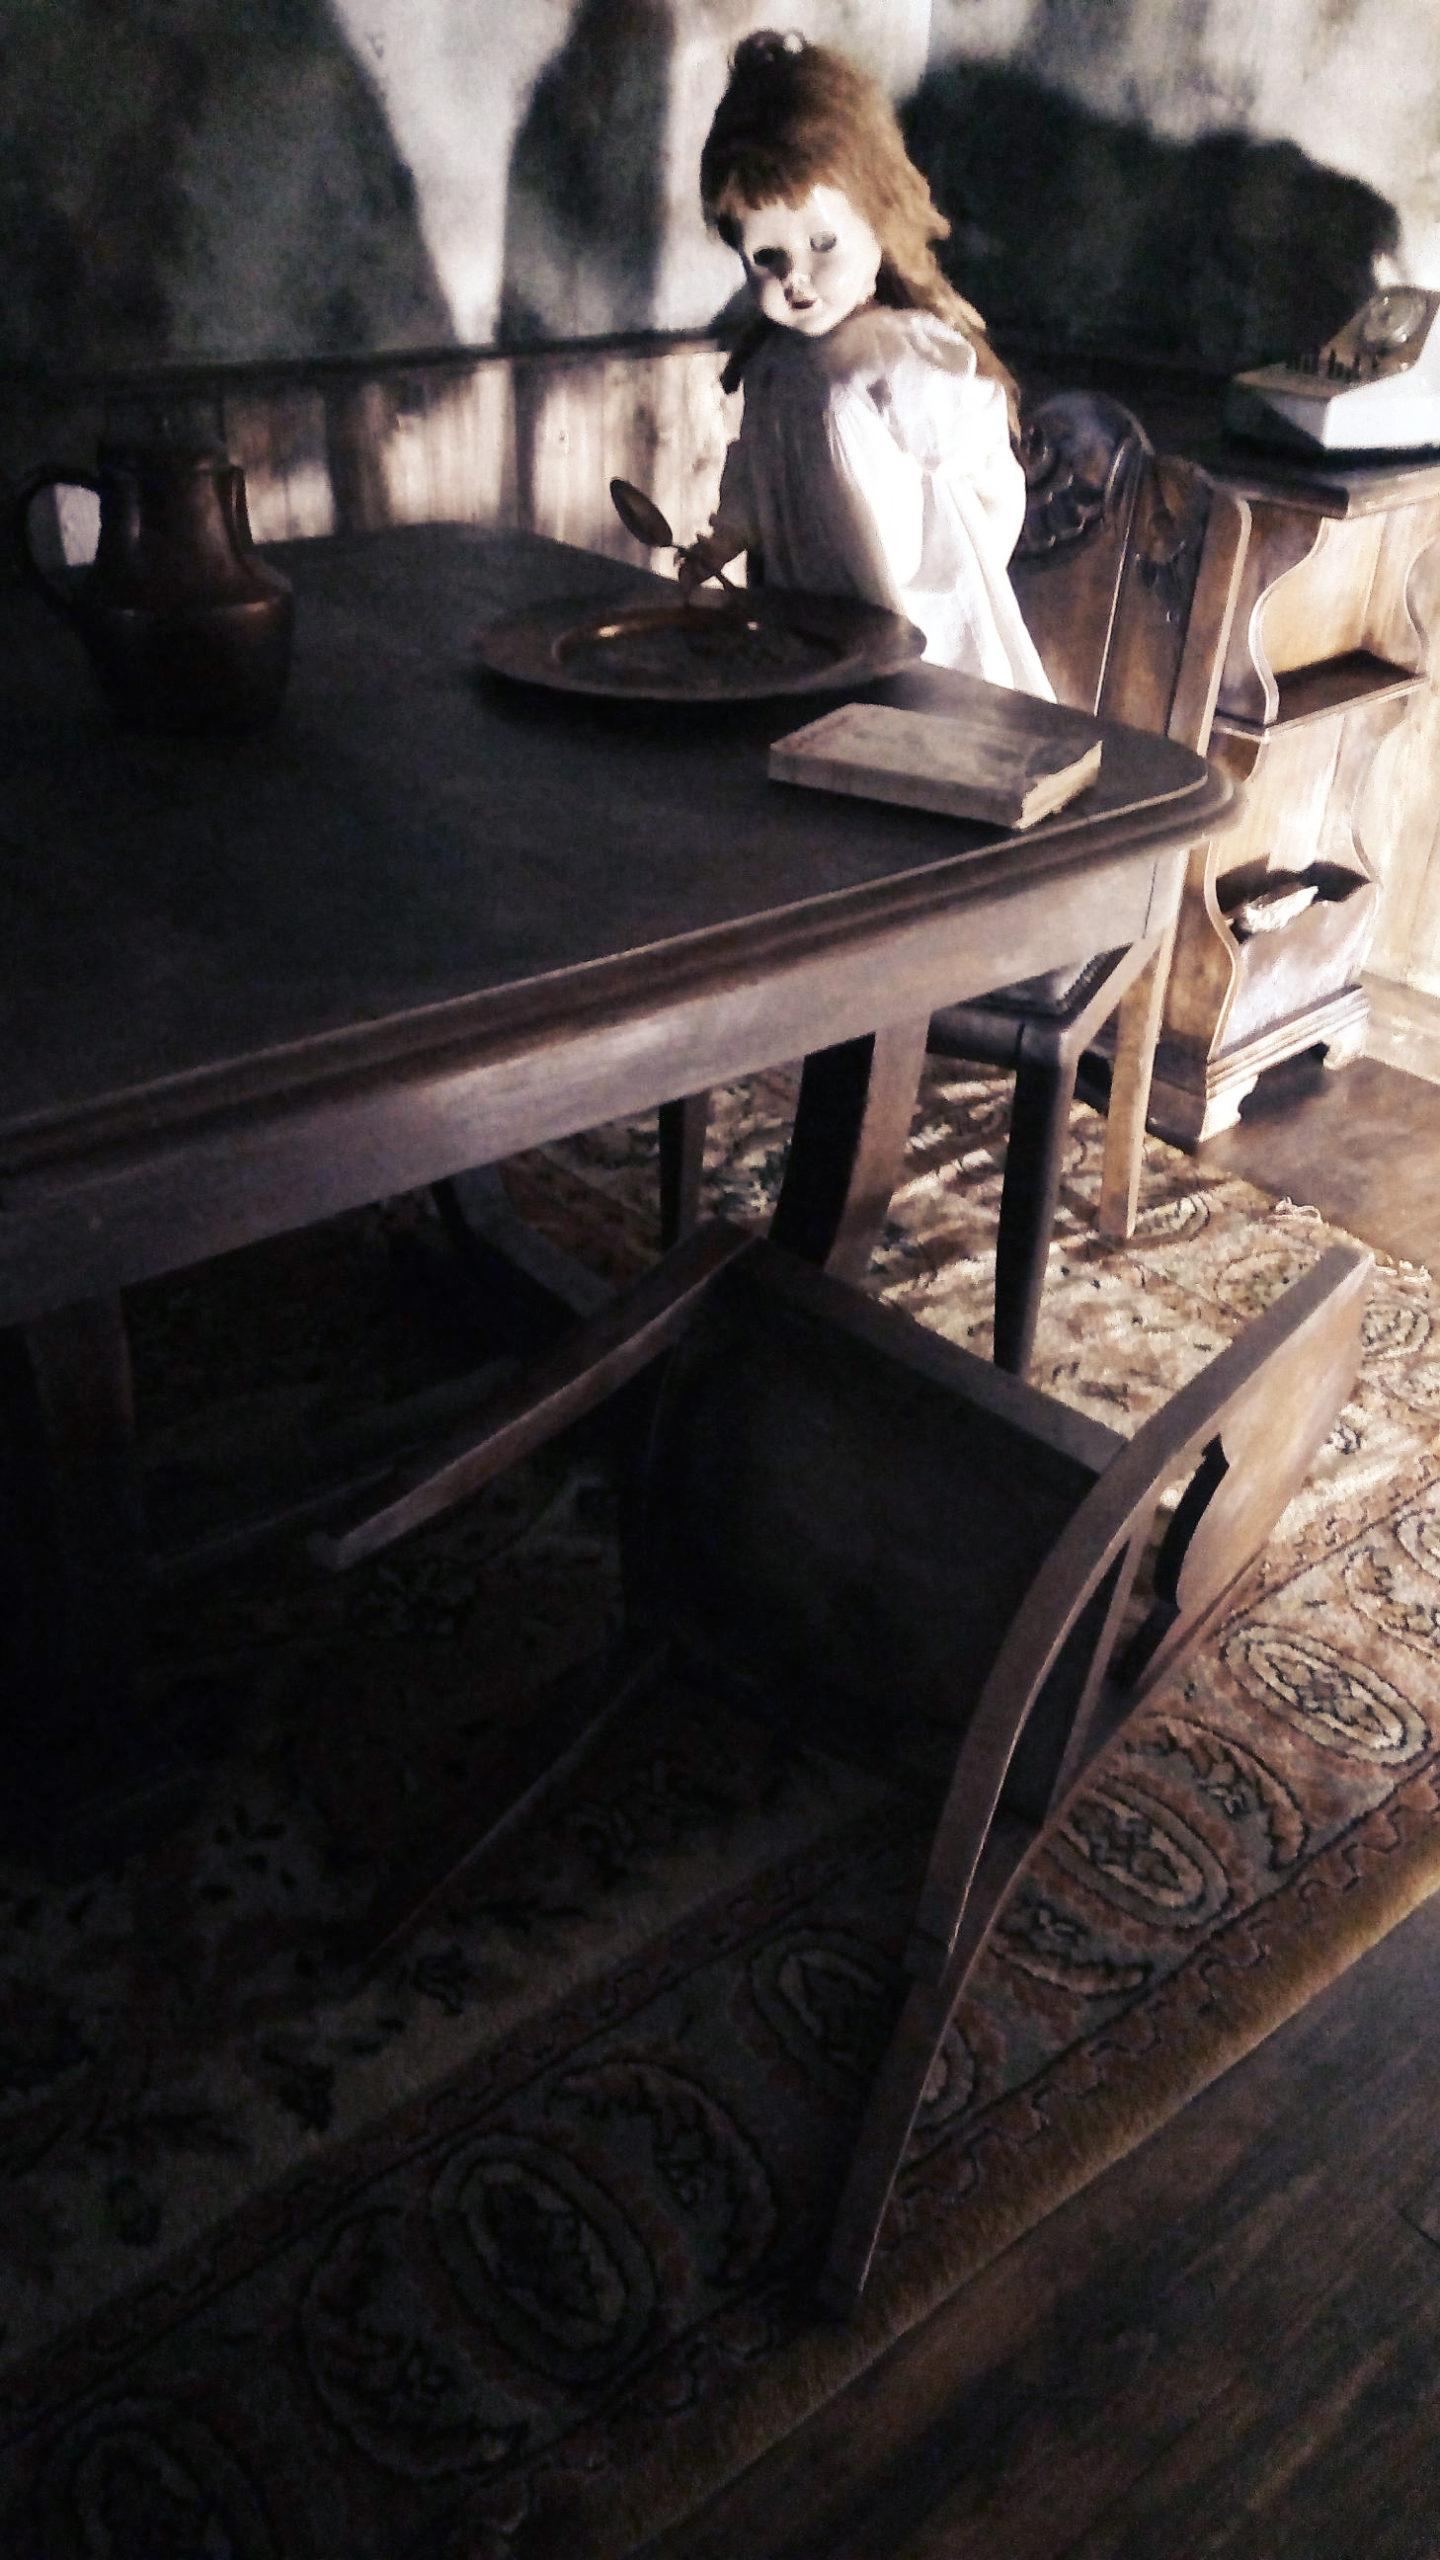 Décors escape game pour donner l'illusion d'une maison abandonnée dans le style des années 1960. Peinture, vieillissement, effets érosion, salissure, rouille, pose des lambris, recherche de mobilier et accessoires.